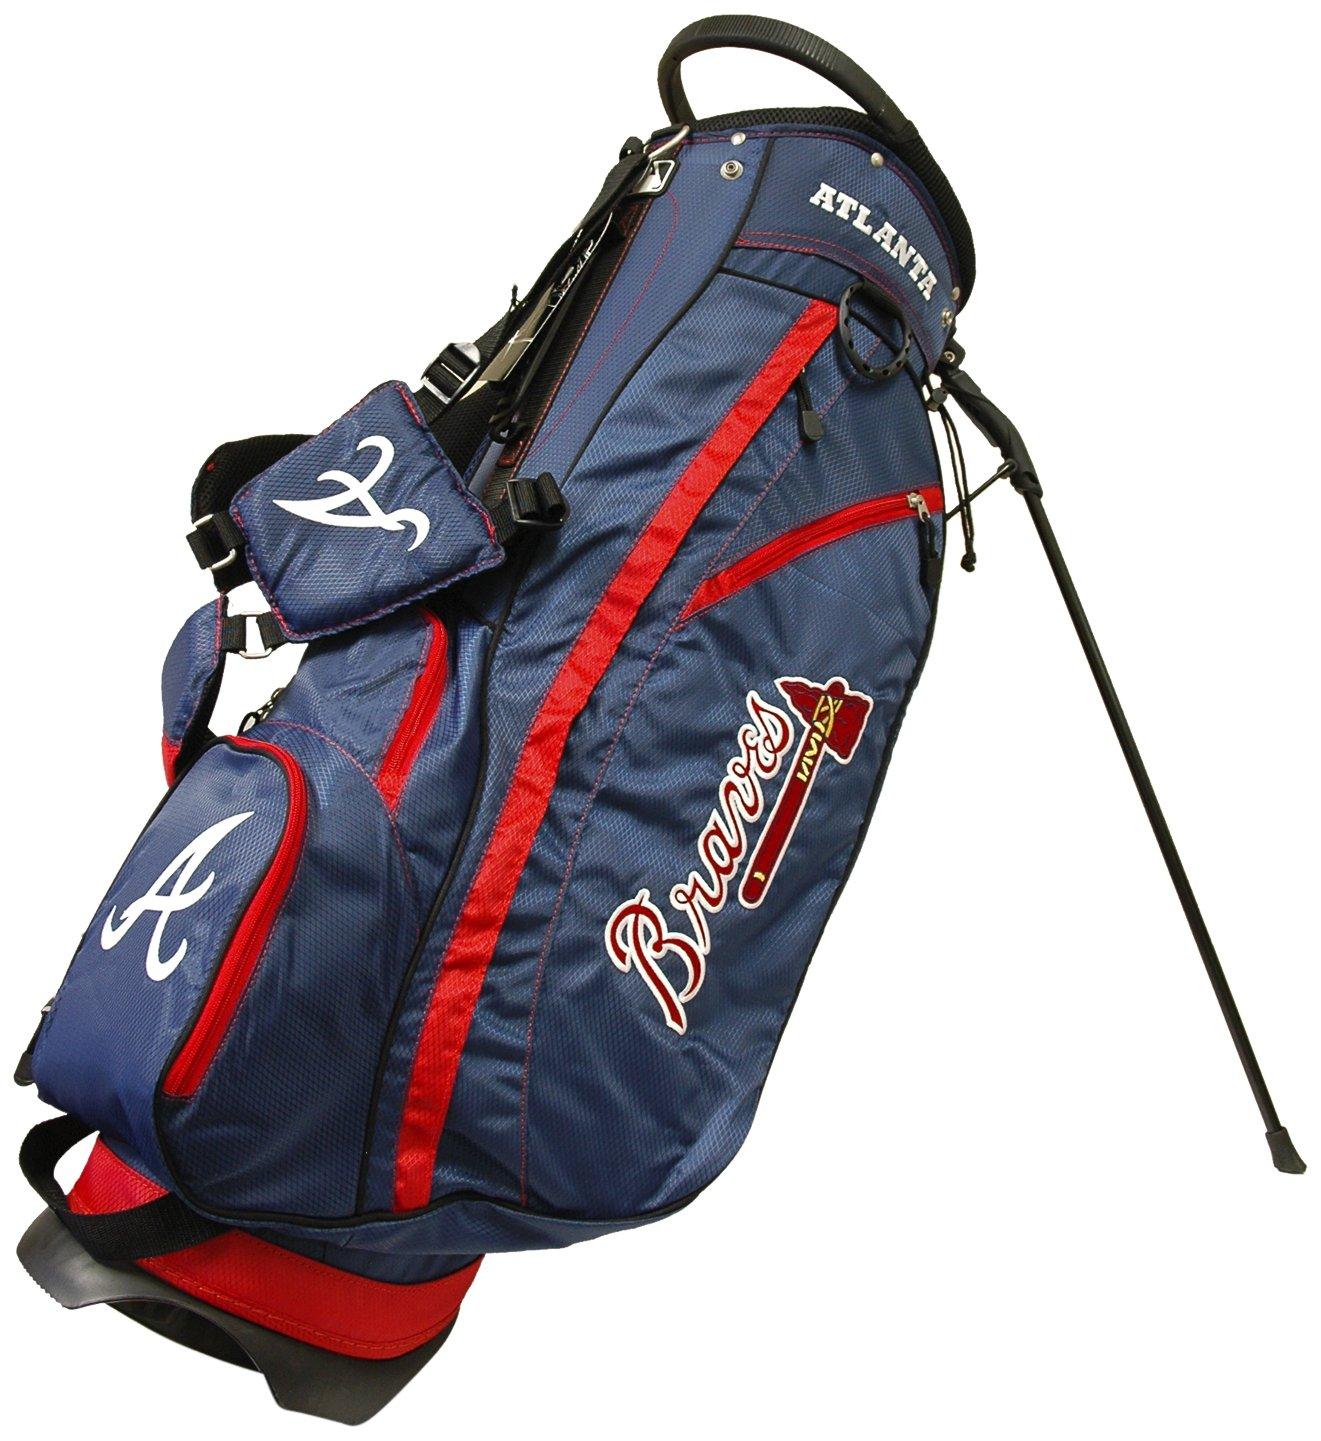 MLBフェアウェイゴルフスタンドバッグ レッド   B008NQGXV8